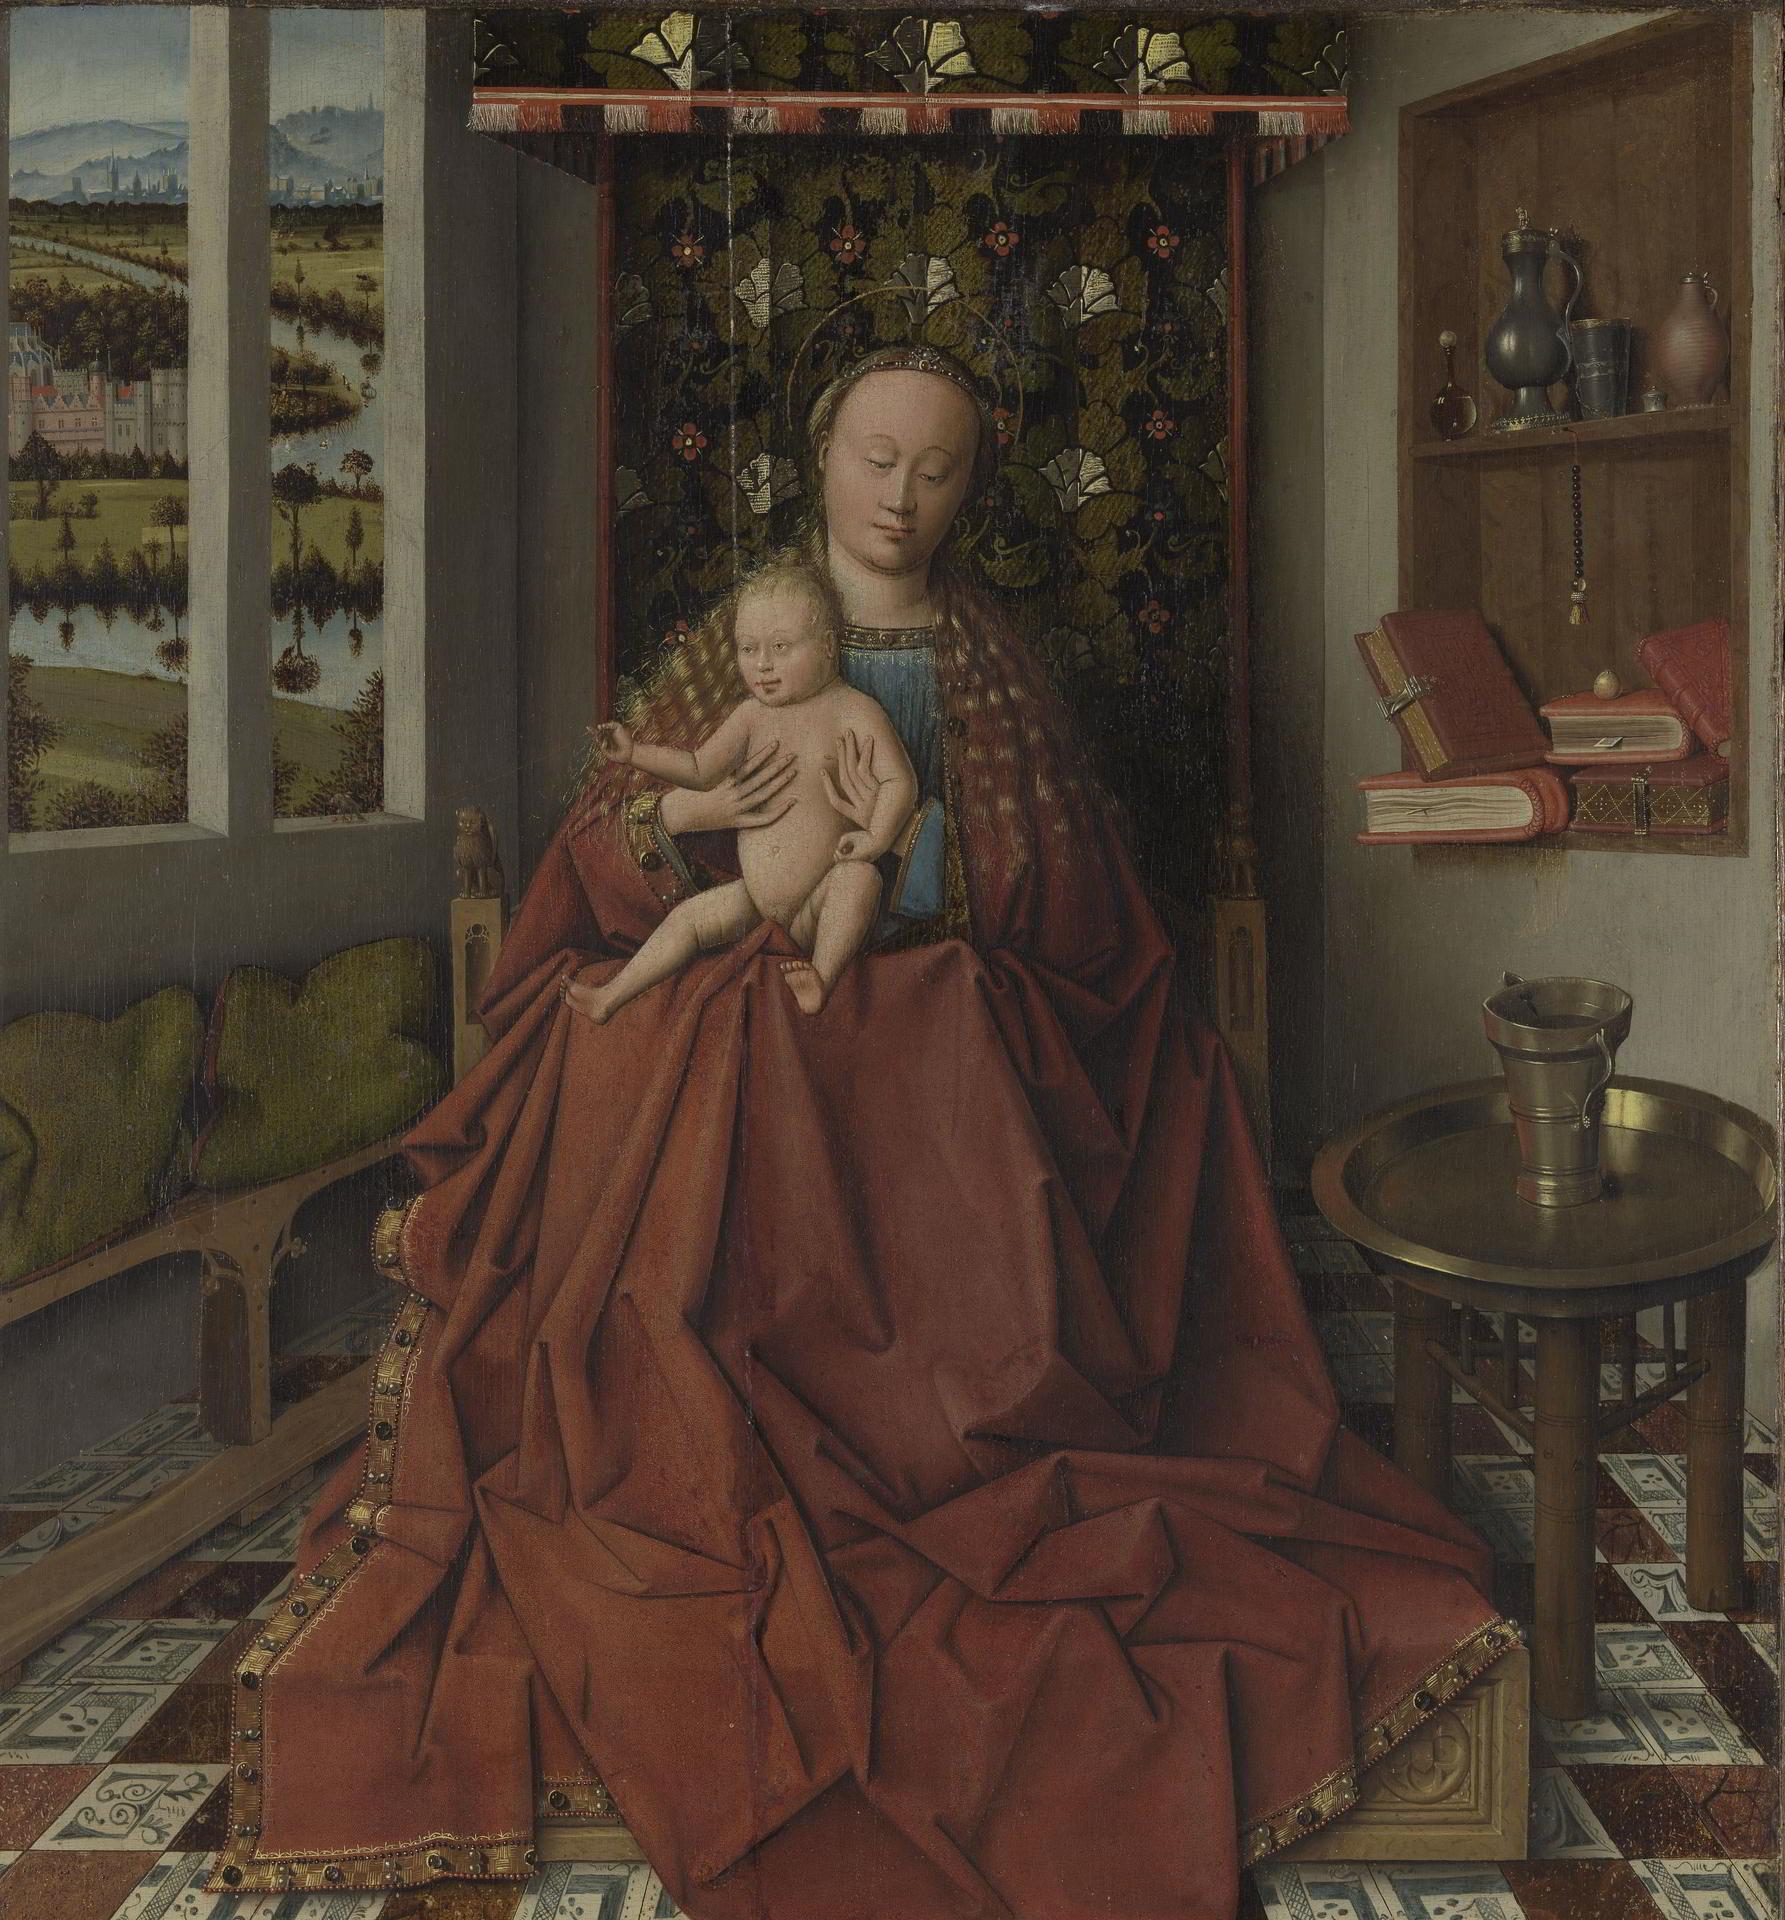 Follower or workshop of Jan Van Eyck,, <em>Virgin and Child</em>, ca. 1450 Musea Brugge, Bruges